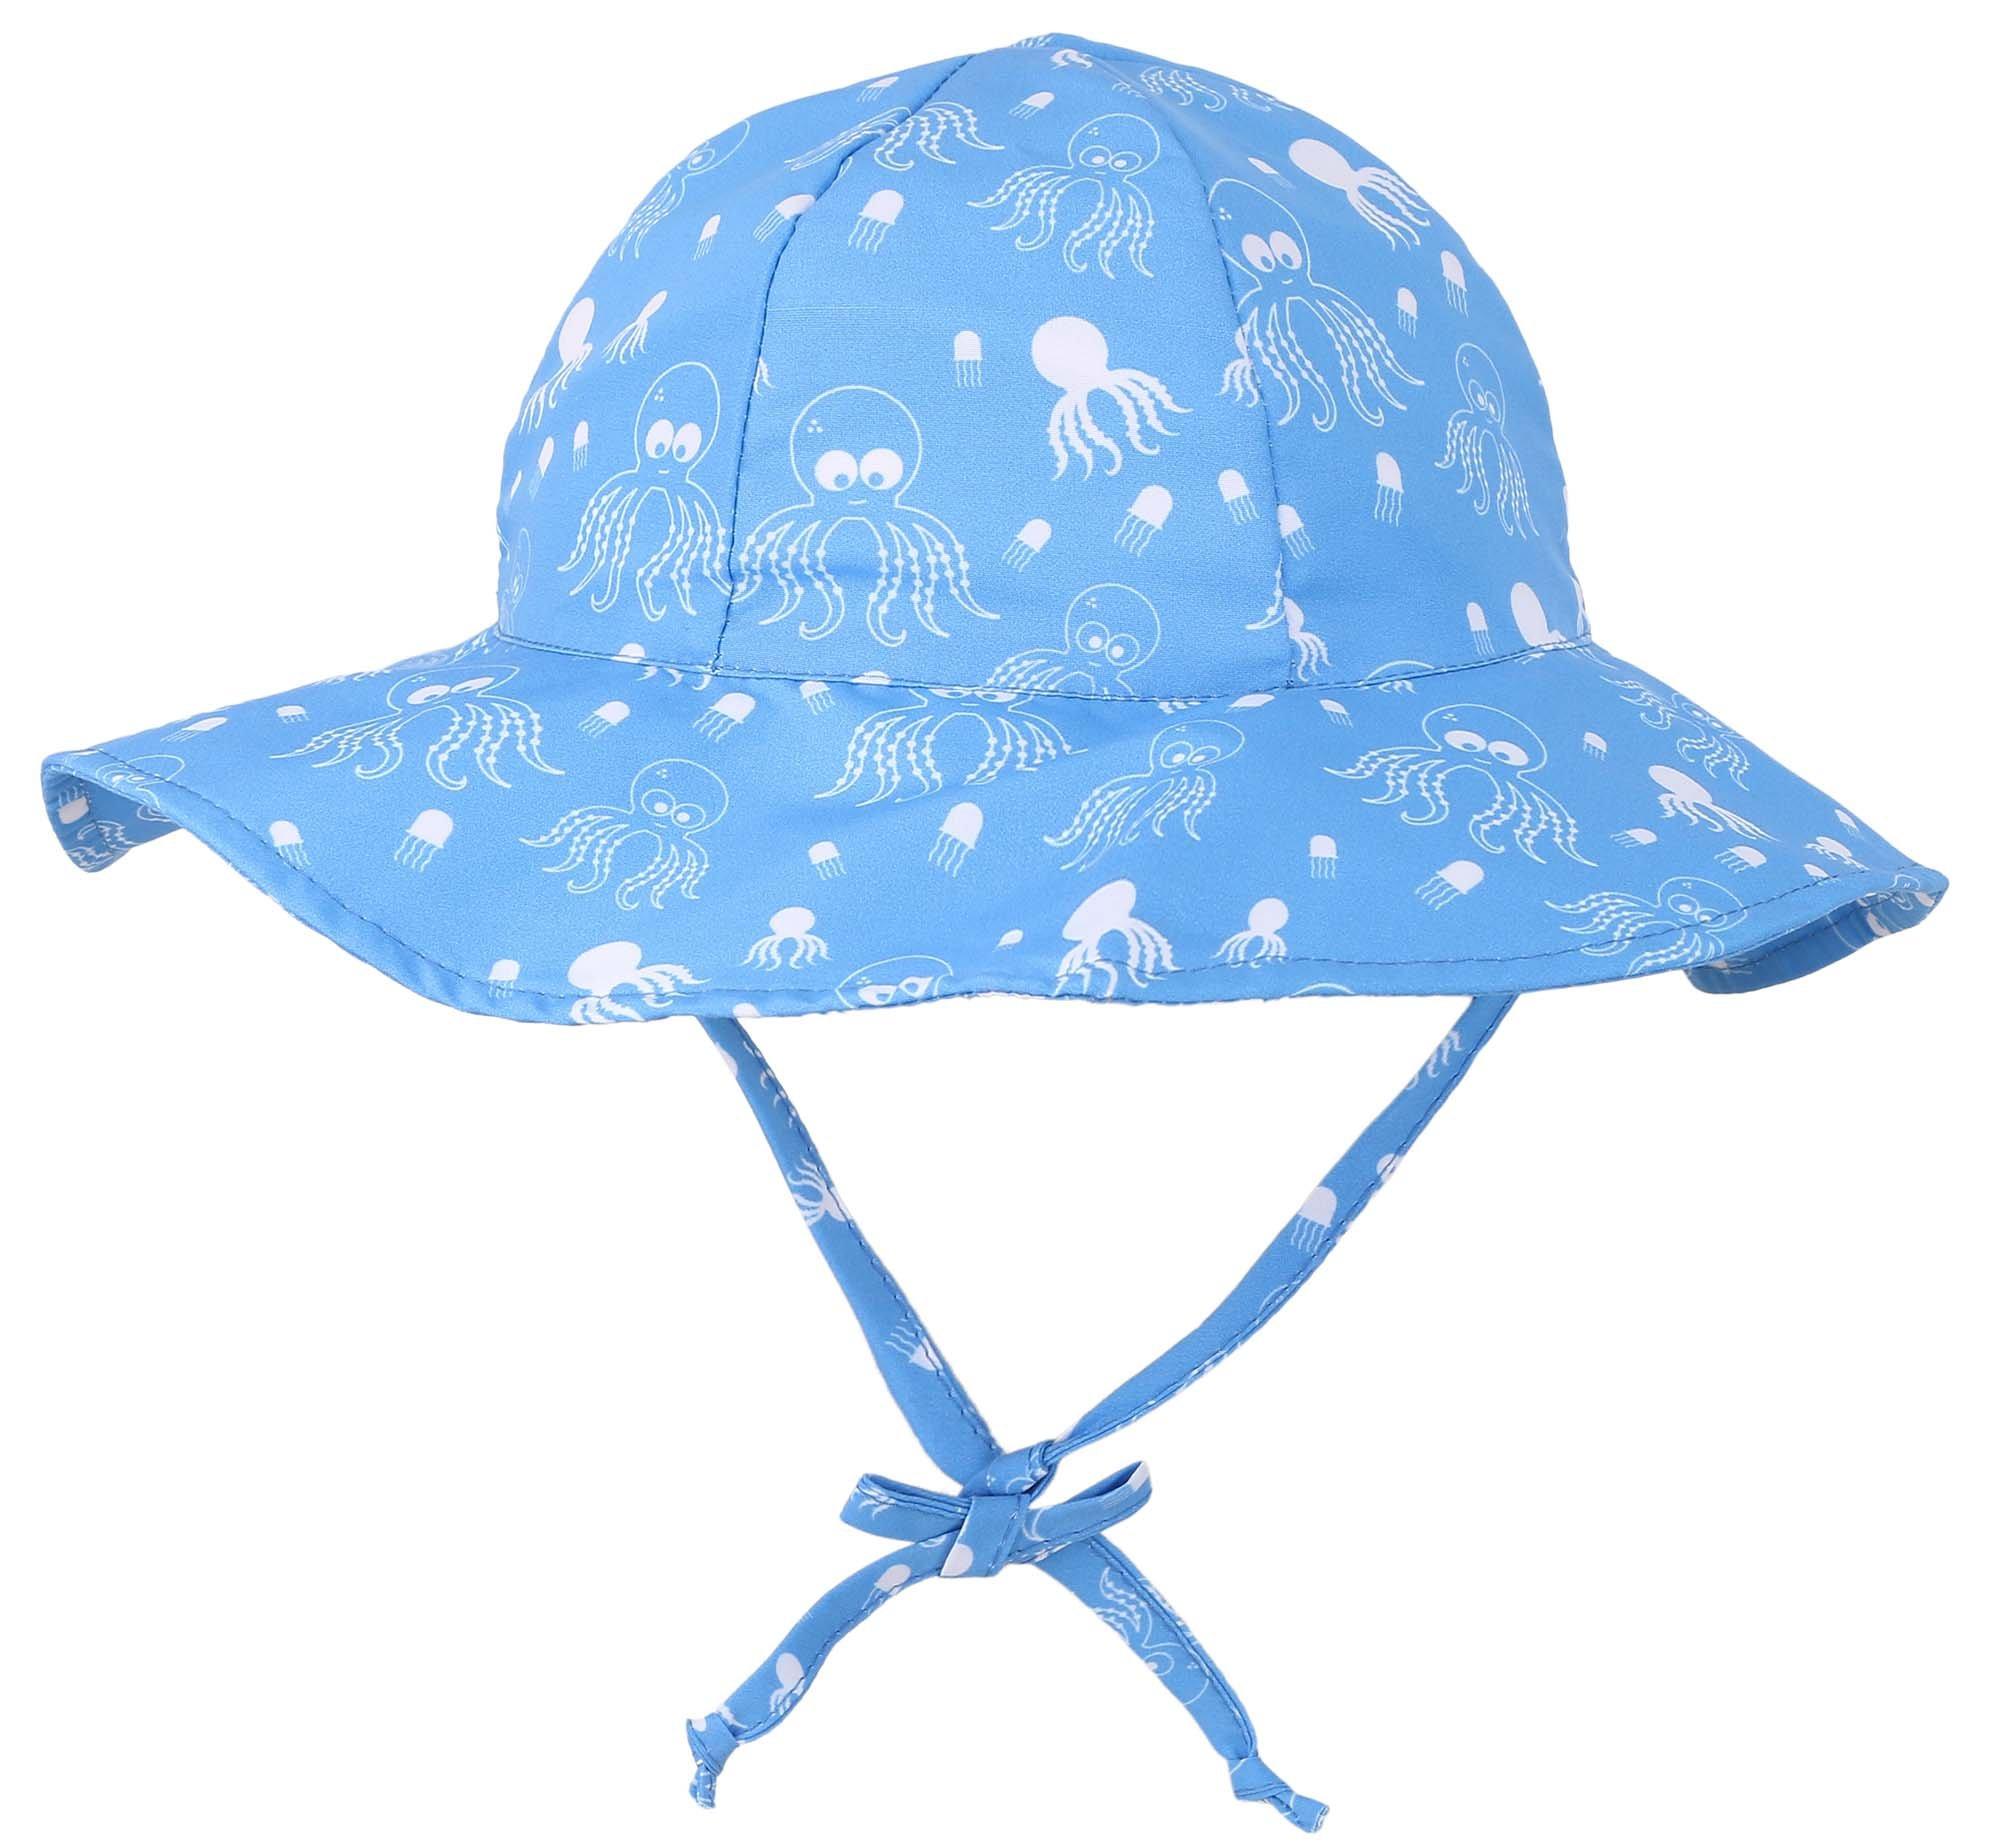 Livingston Boys' UPF 50+ Sun Protection Safari Bucket Sun Hat,Octopus, 2-4 Years